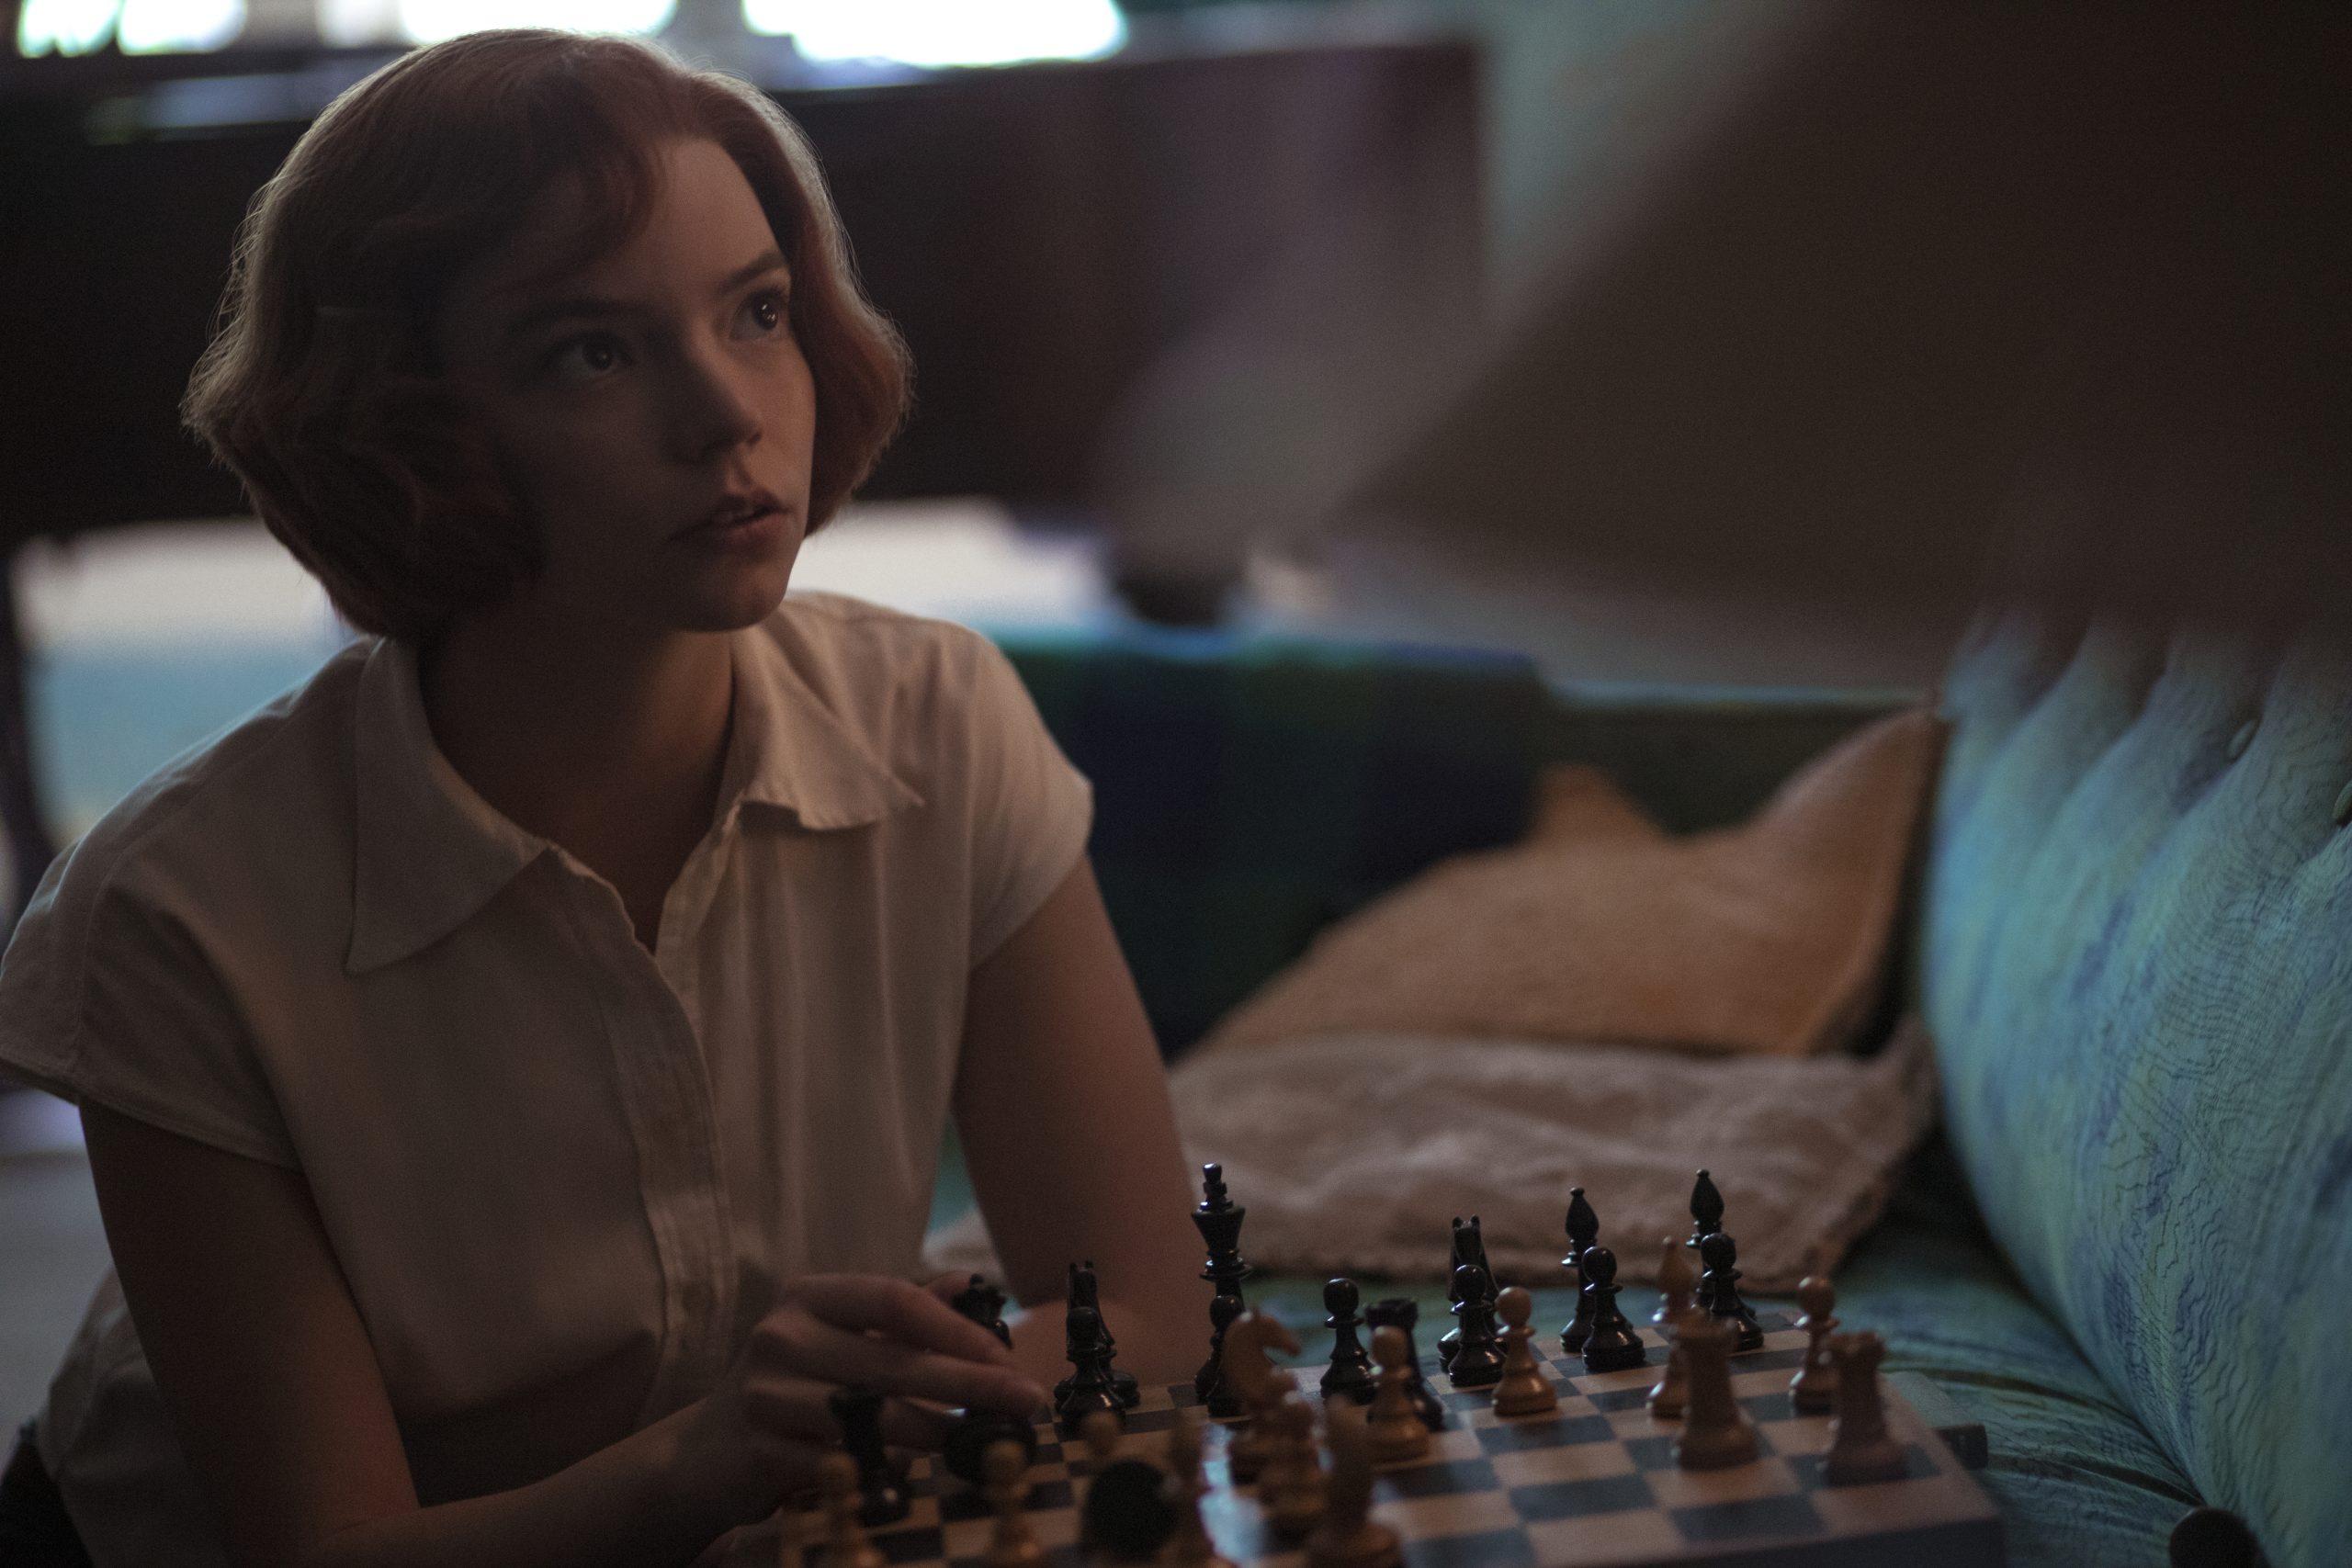 Con razón: Las ventas de ajedrez aumentaron en el mundo gracias a 'The Queen's Gambit'